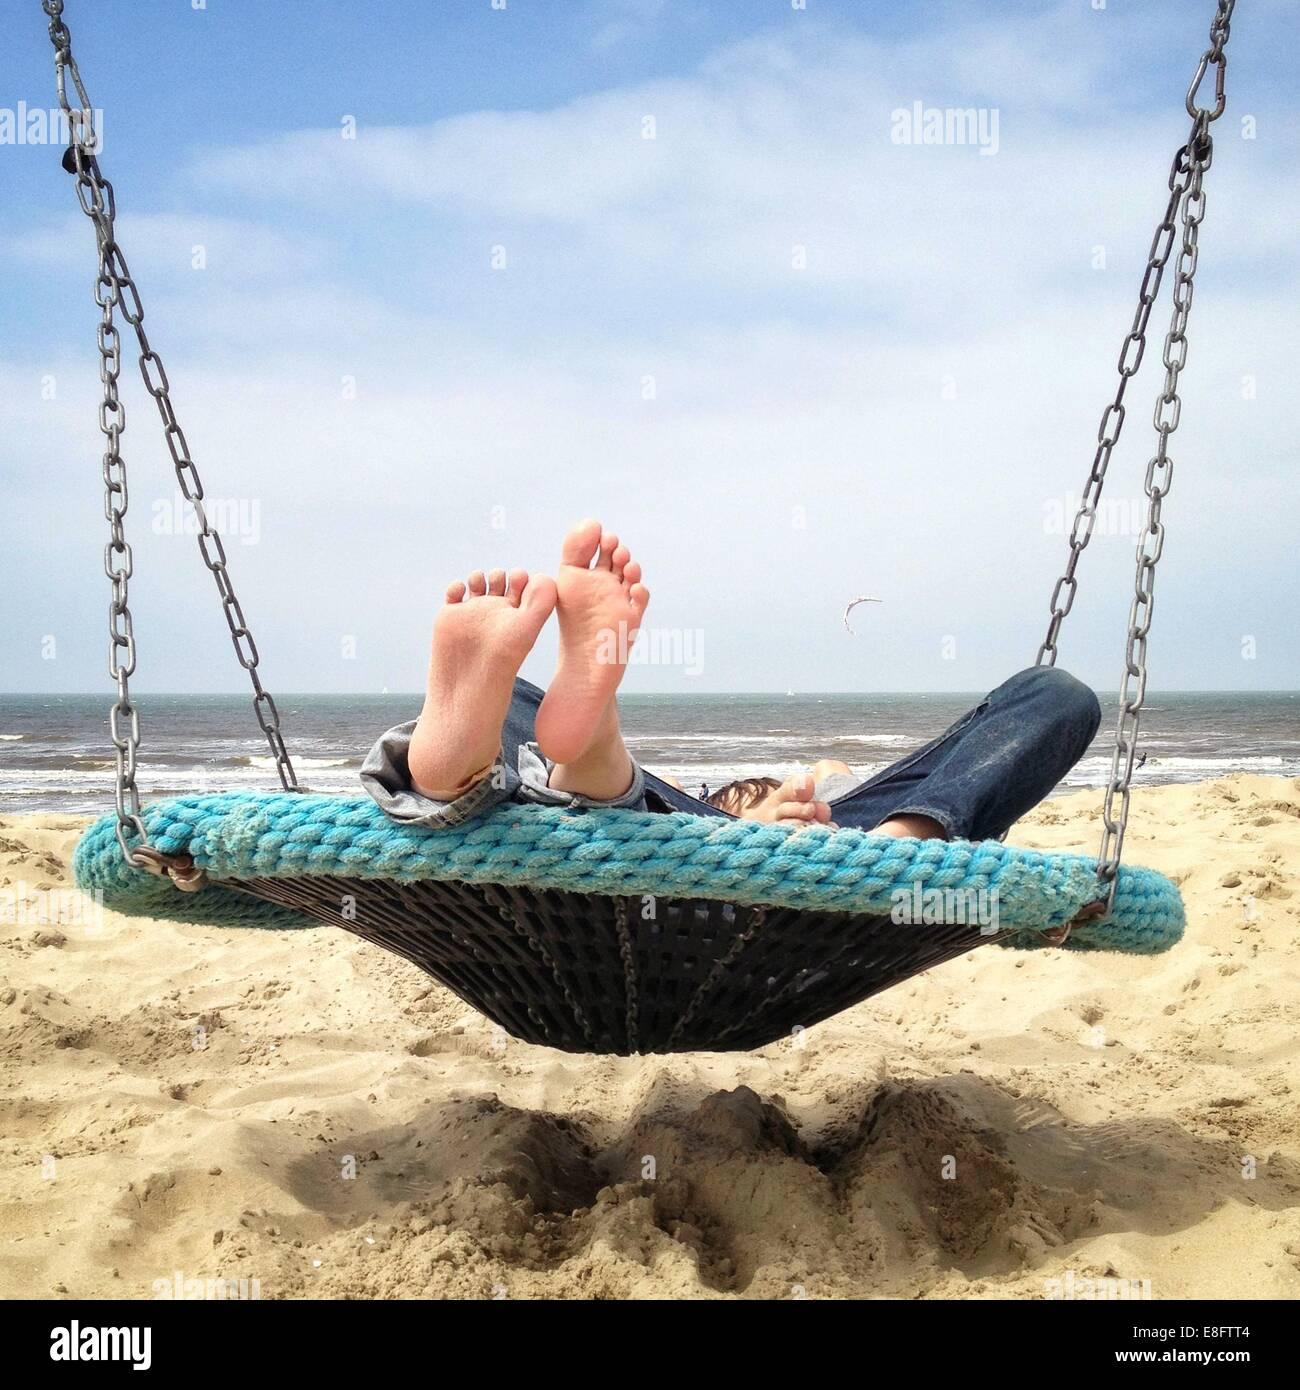 Kids lying in a swing - Stock Image